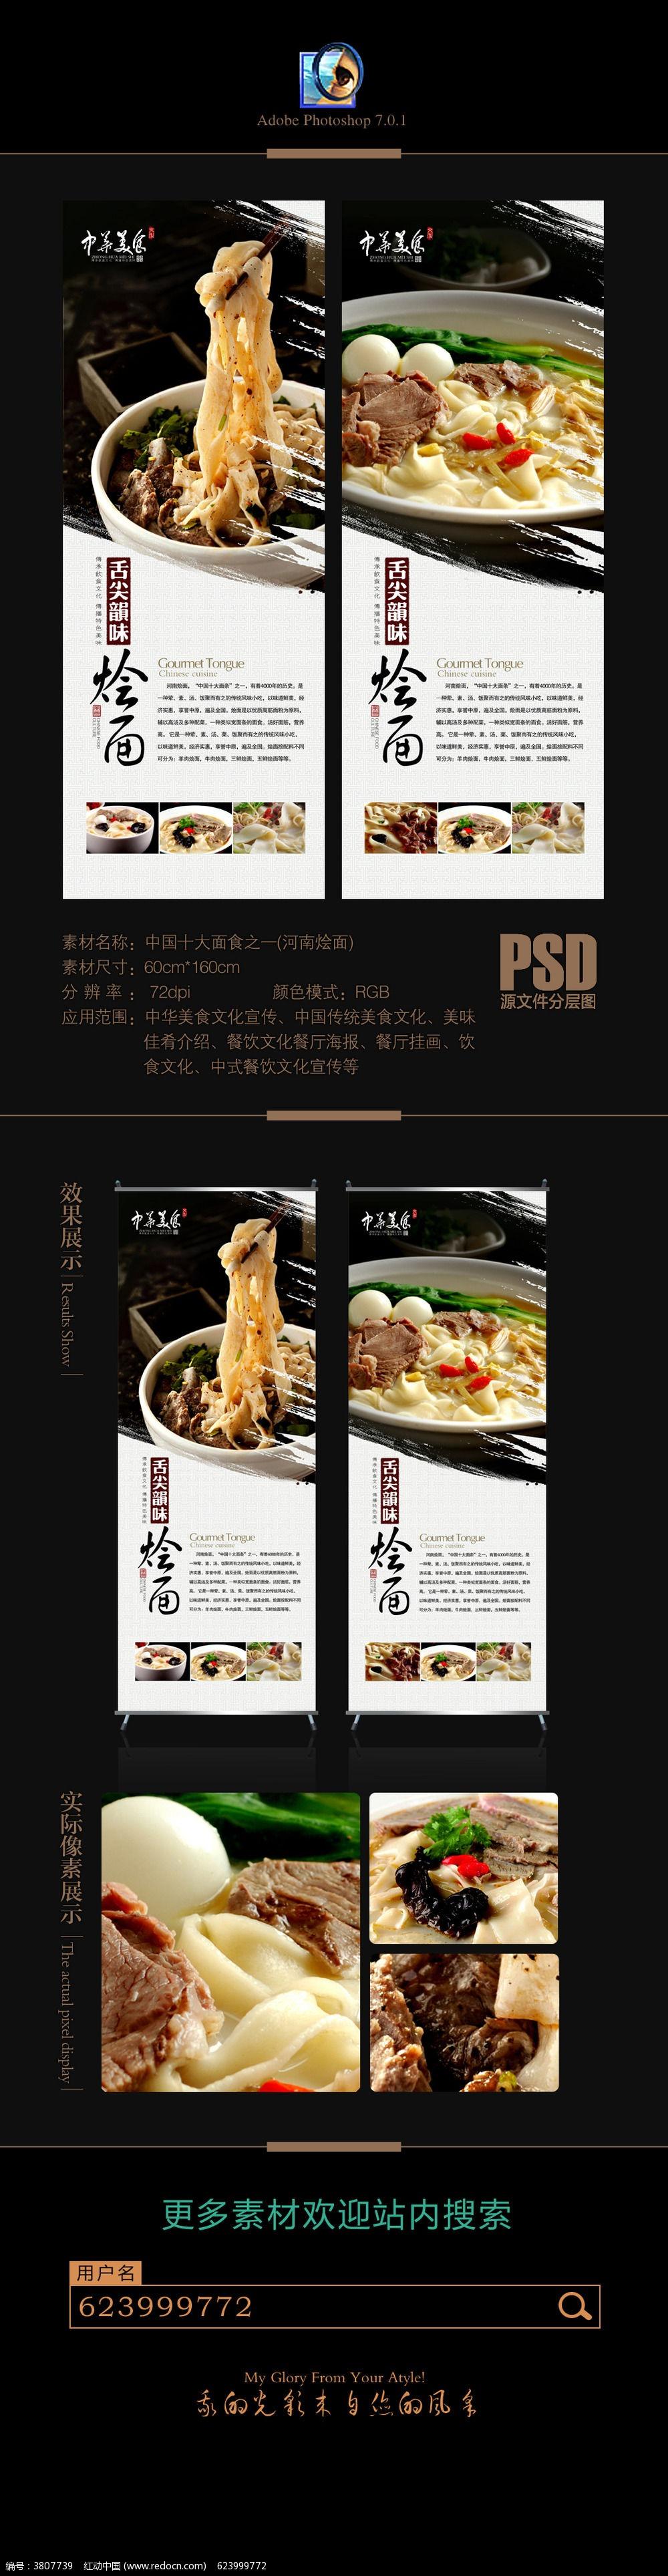 河南烩面文化x展架设计图片